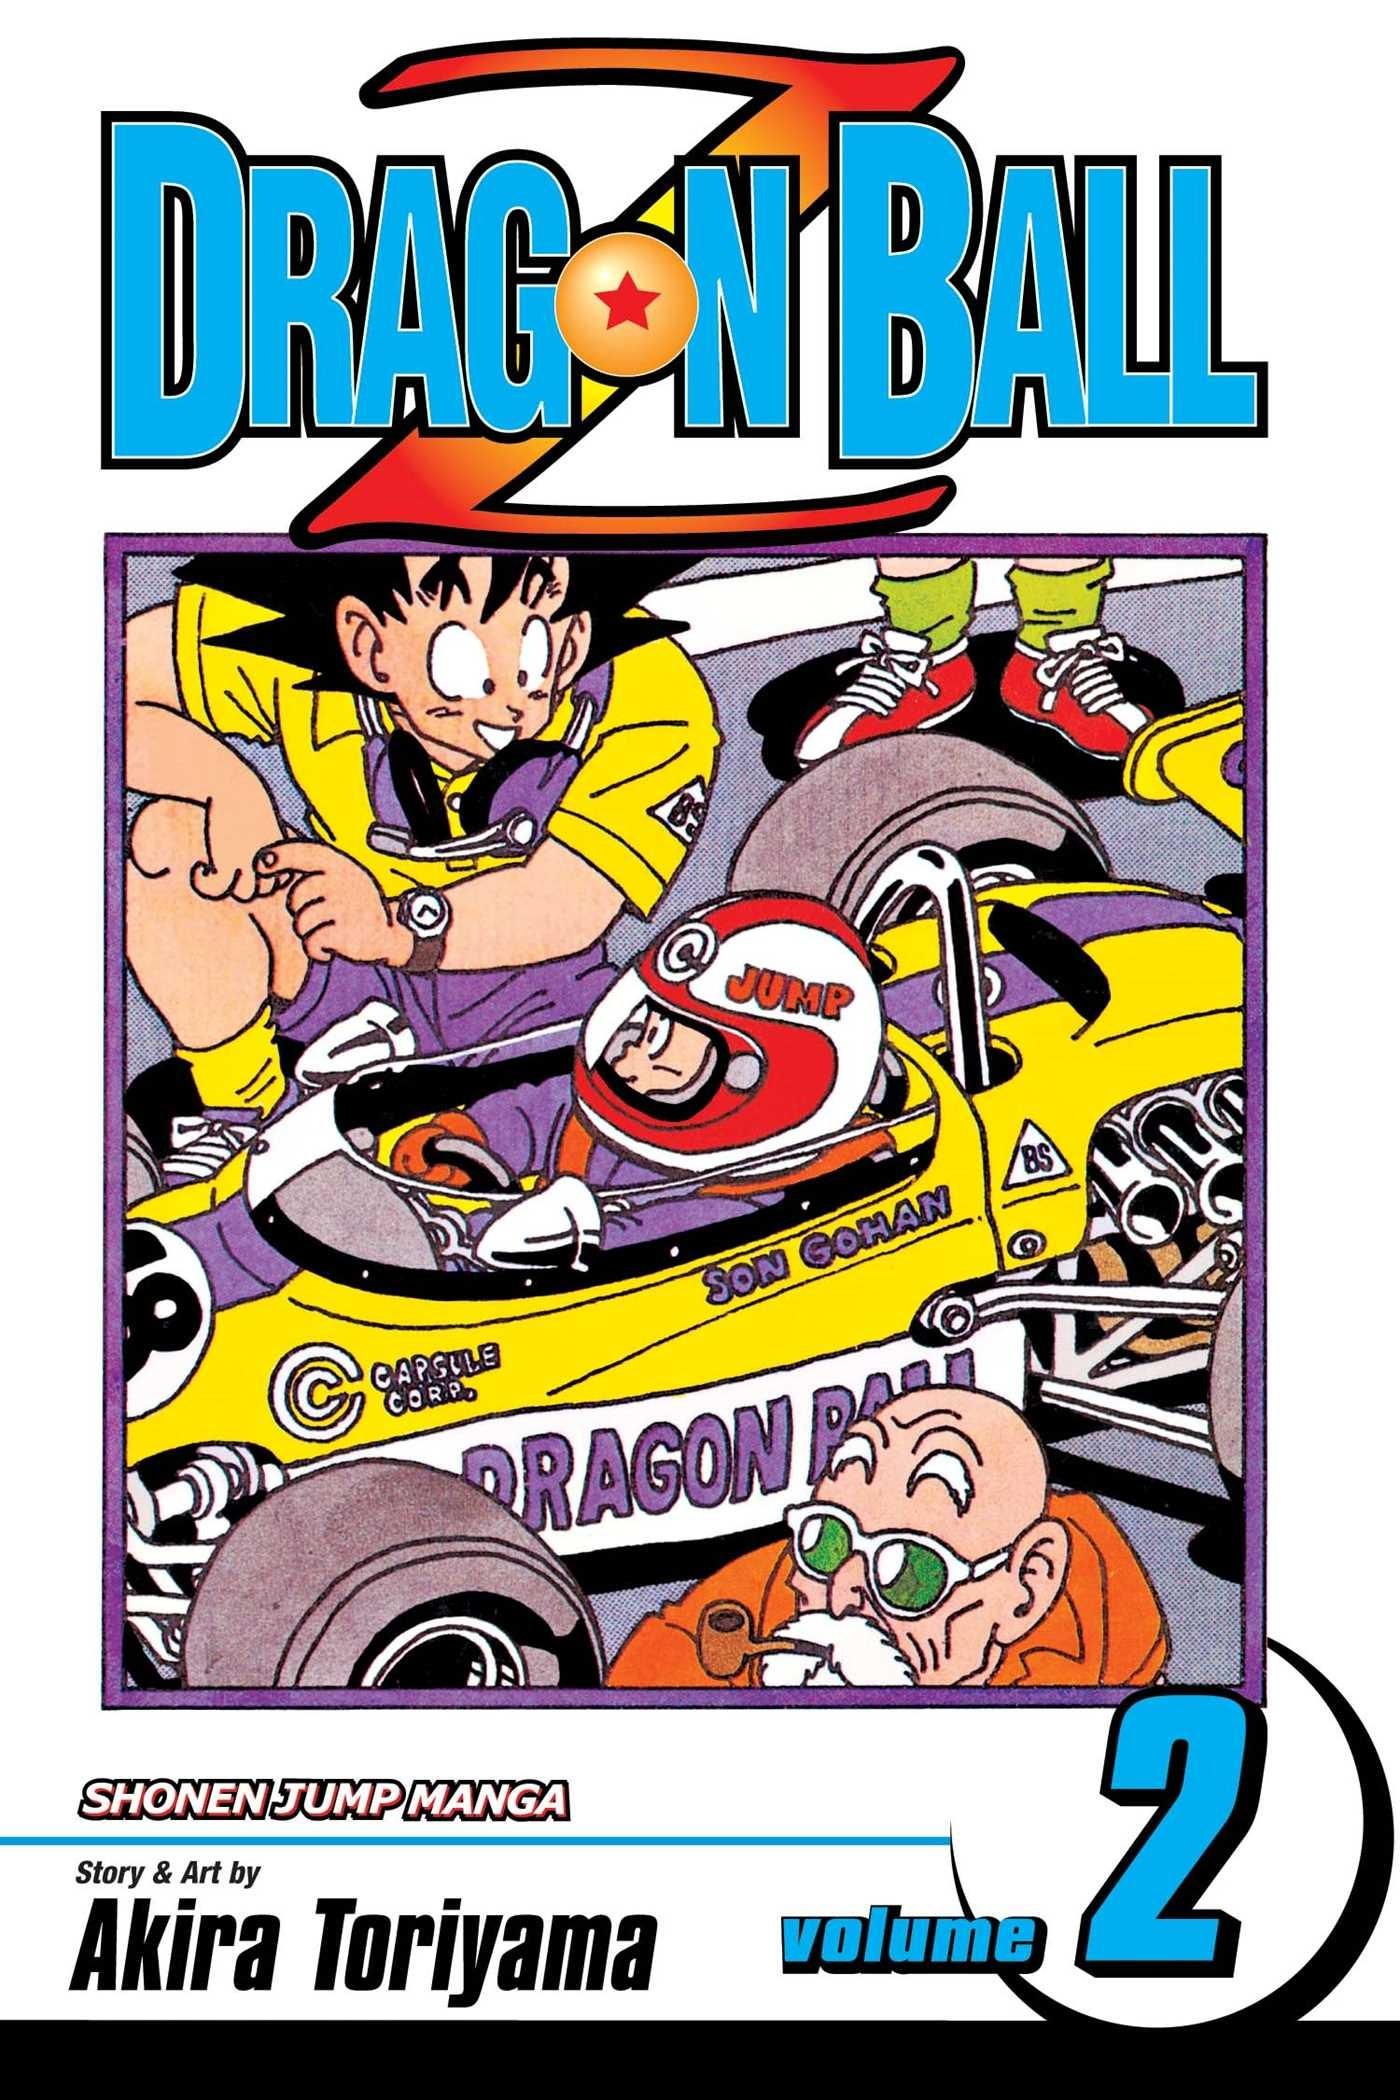 Dragon Ball Z, Vol. 02 by Akira Toriyama